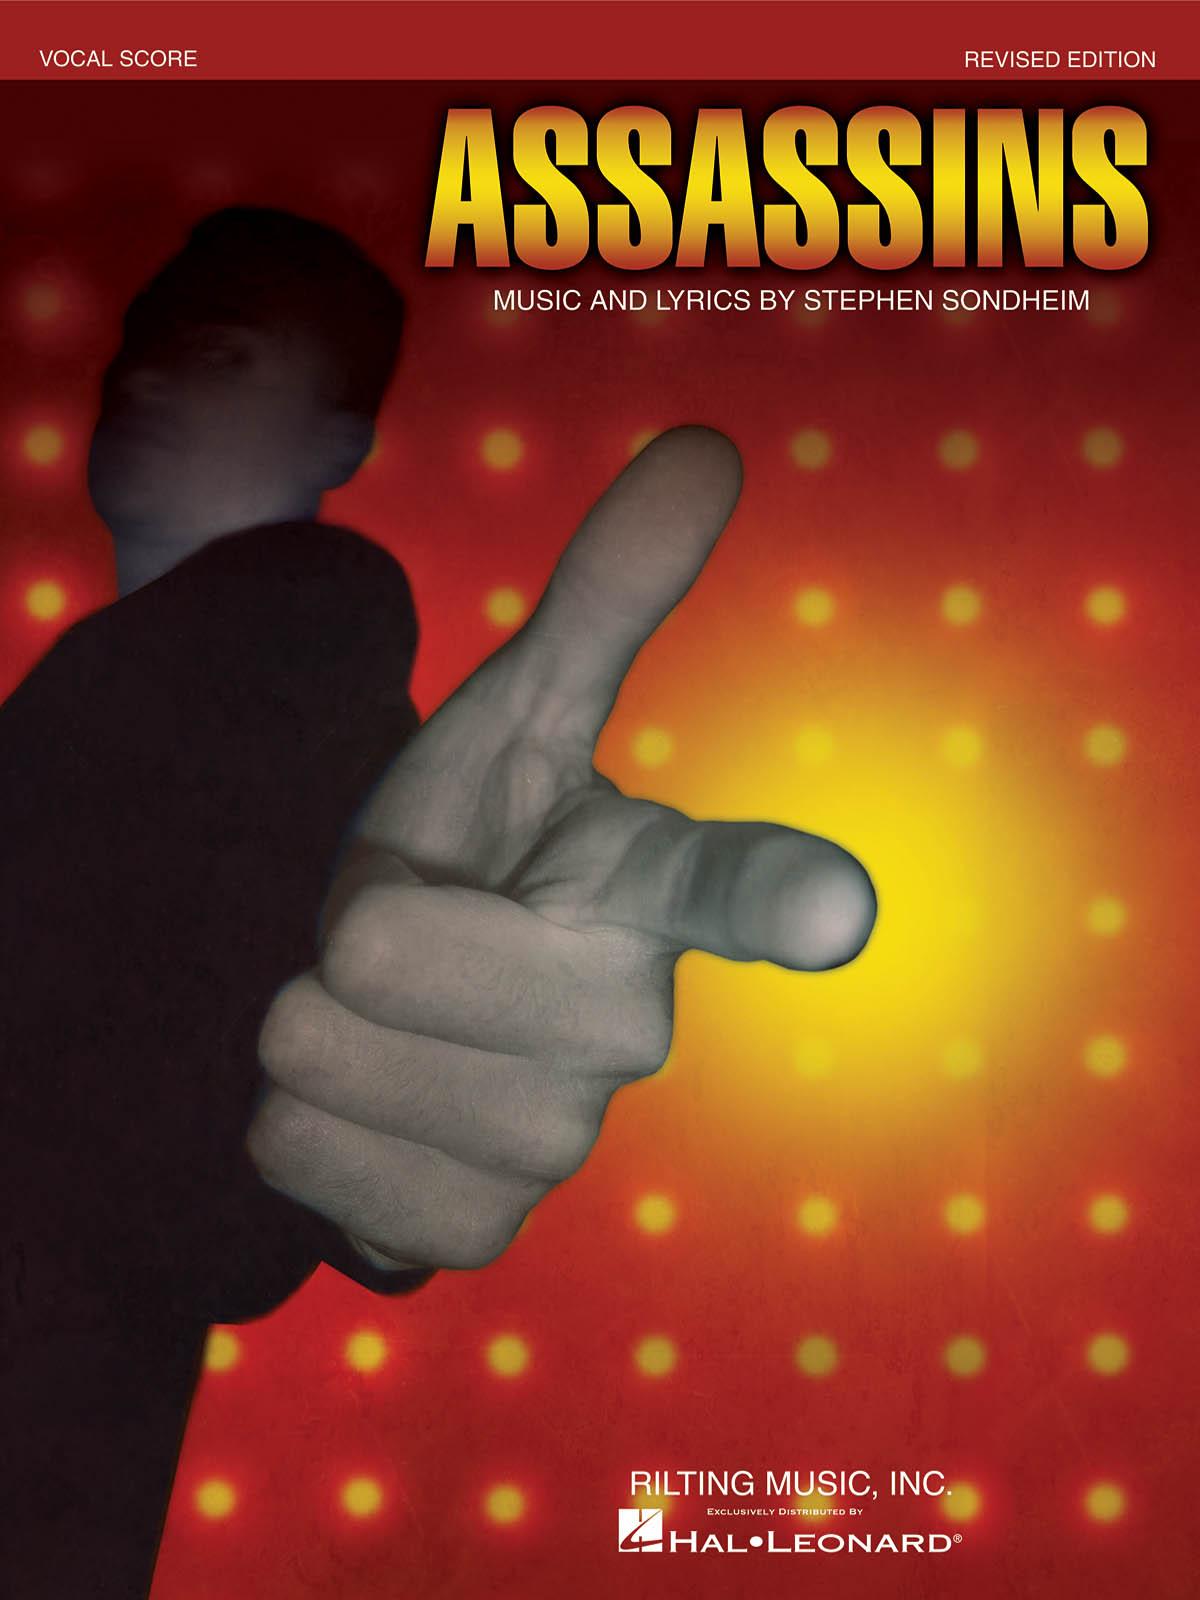 Stephen Sondheim: Stephen Sondheim - Assassins: Vocal Solo: Vocal Score